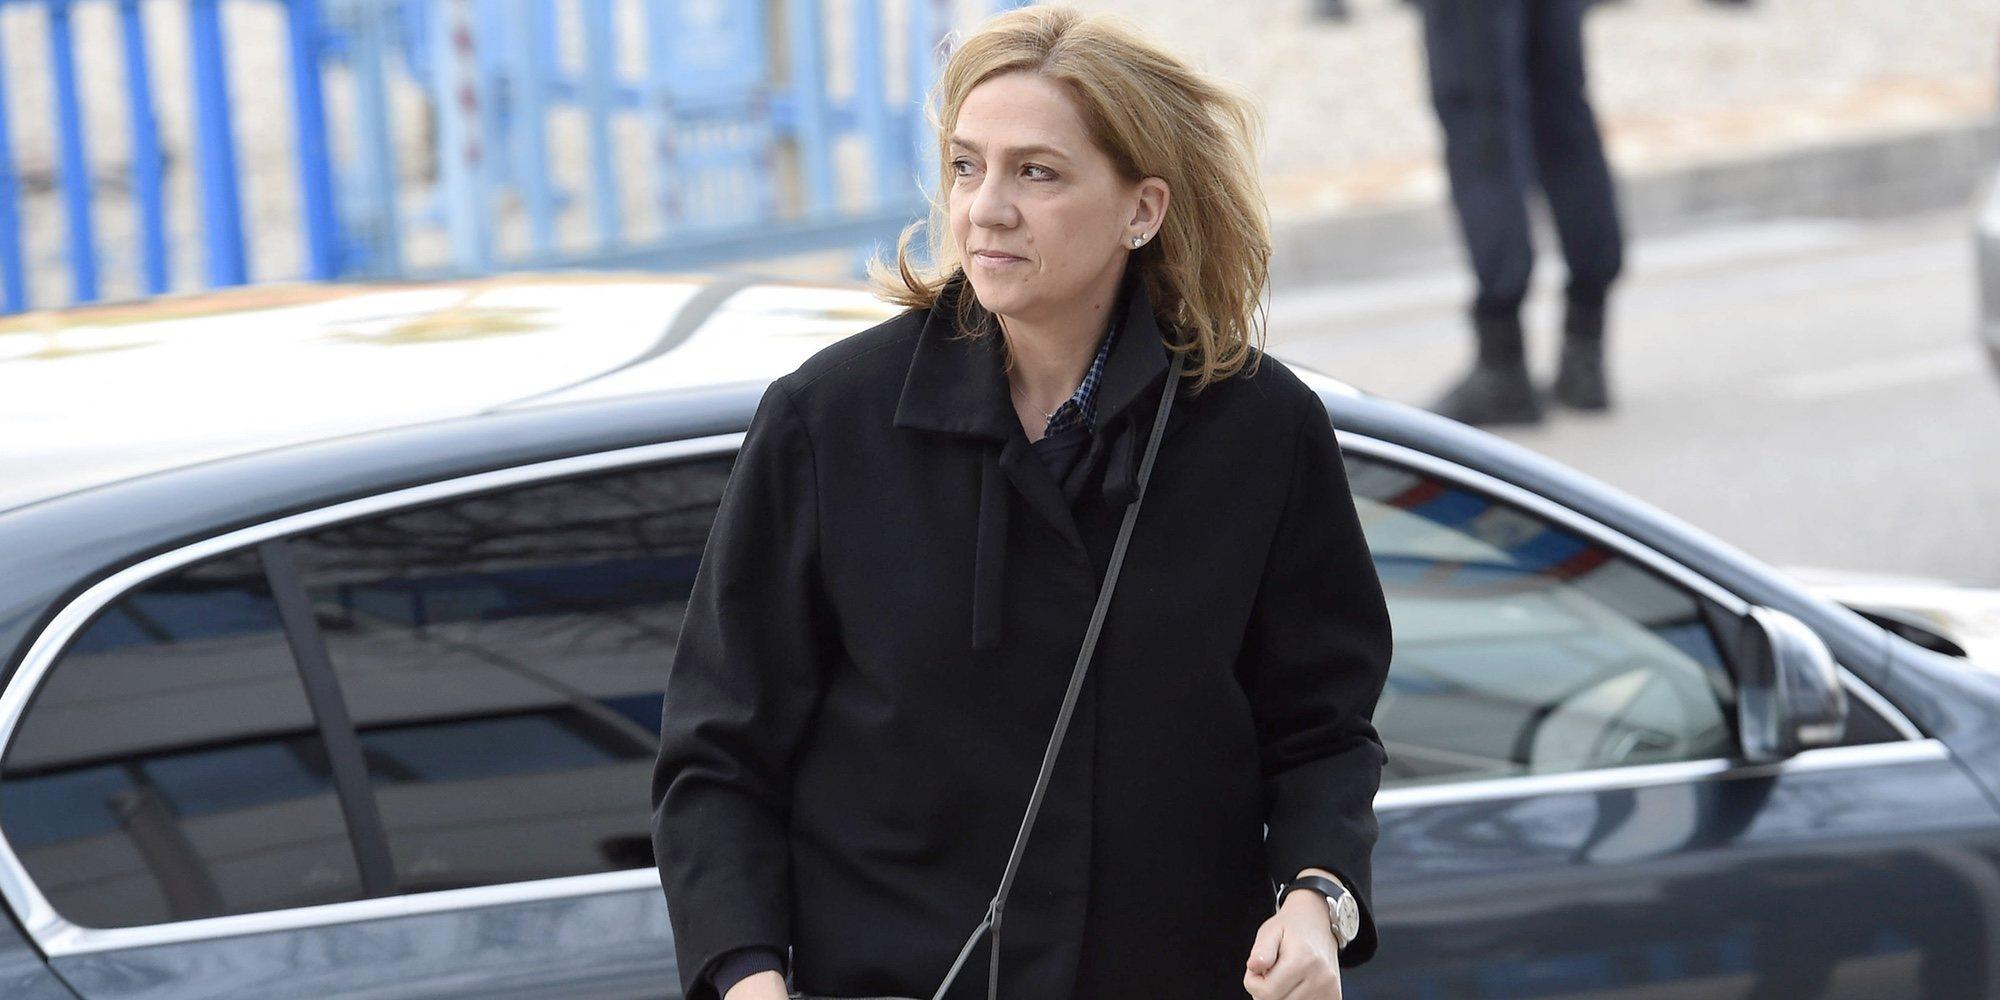 La Infanta Cristina celebra la única gran noticia entre tantos disgustos por las ausencias familiares